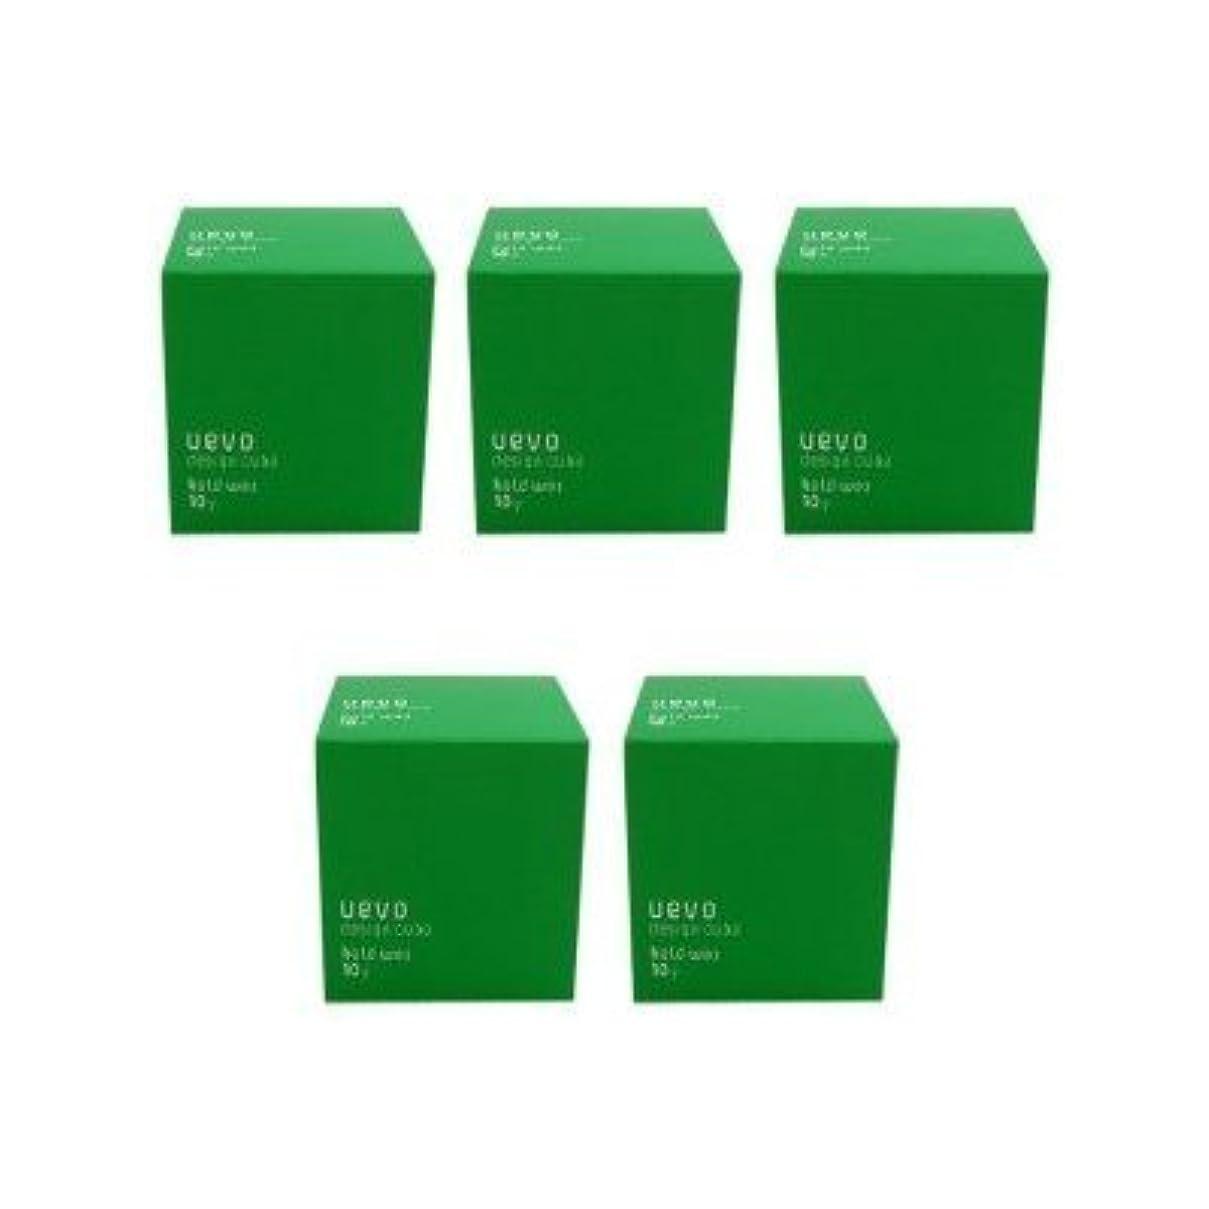 シットコム脈拍スイ【X5個セット】 デミ ウェーボ デザインキューブ ホールドワックス 80g hold wax DEMI uevo design cube